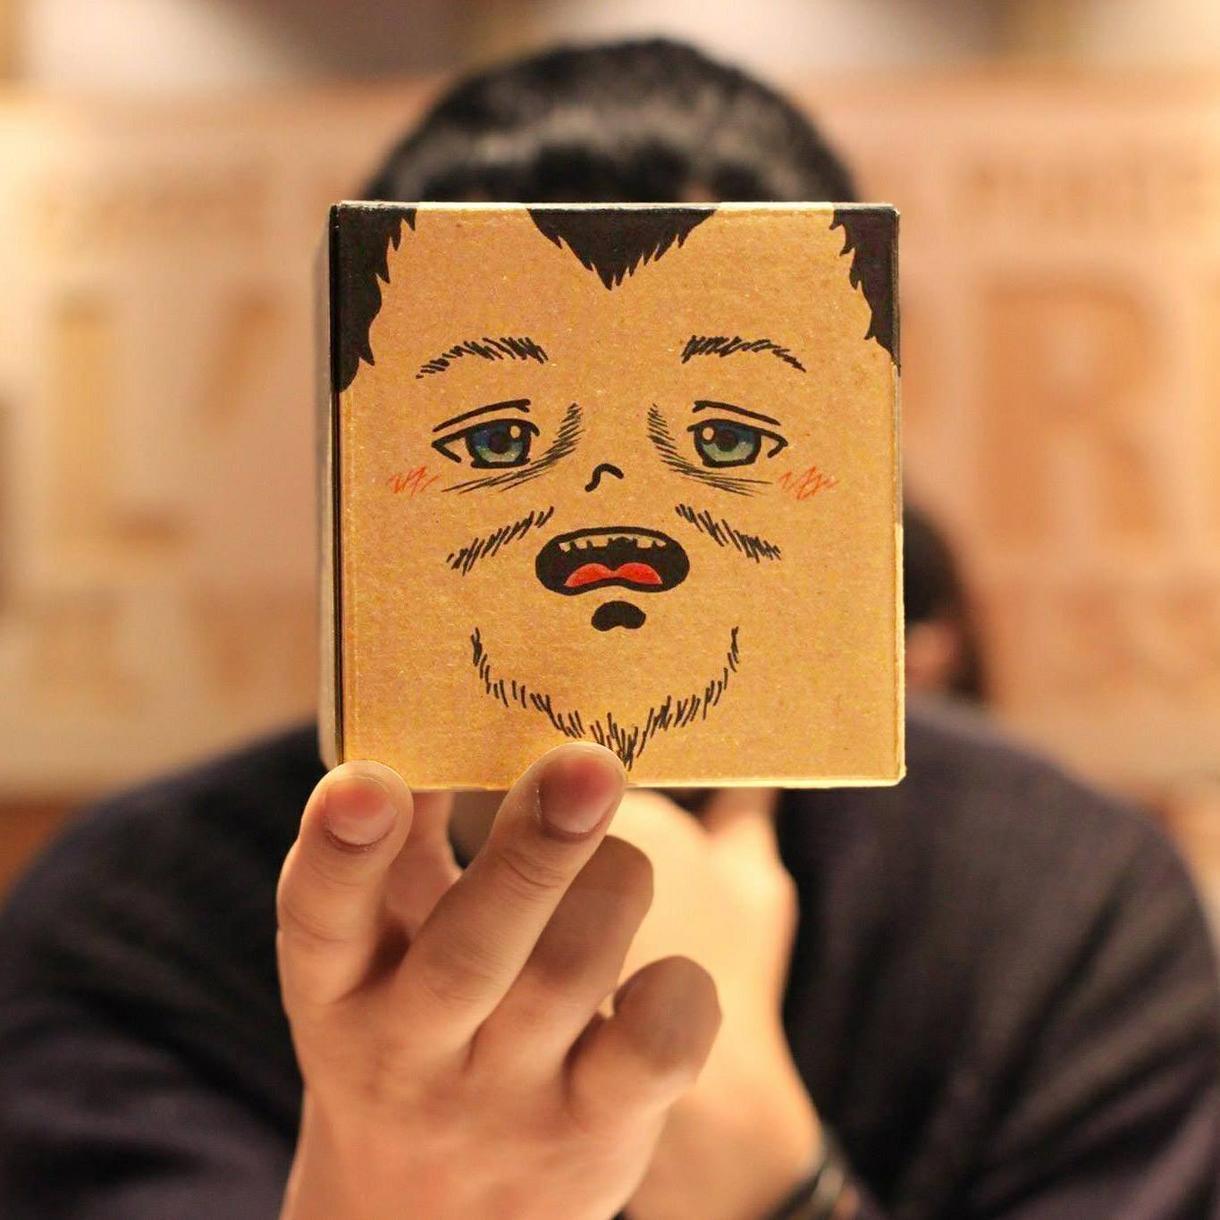 シュールでかわいいオリジナル箱型似顔絵を作成します ※お試し価格実施中!※SNSなどのプロフィールアイコンに